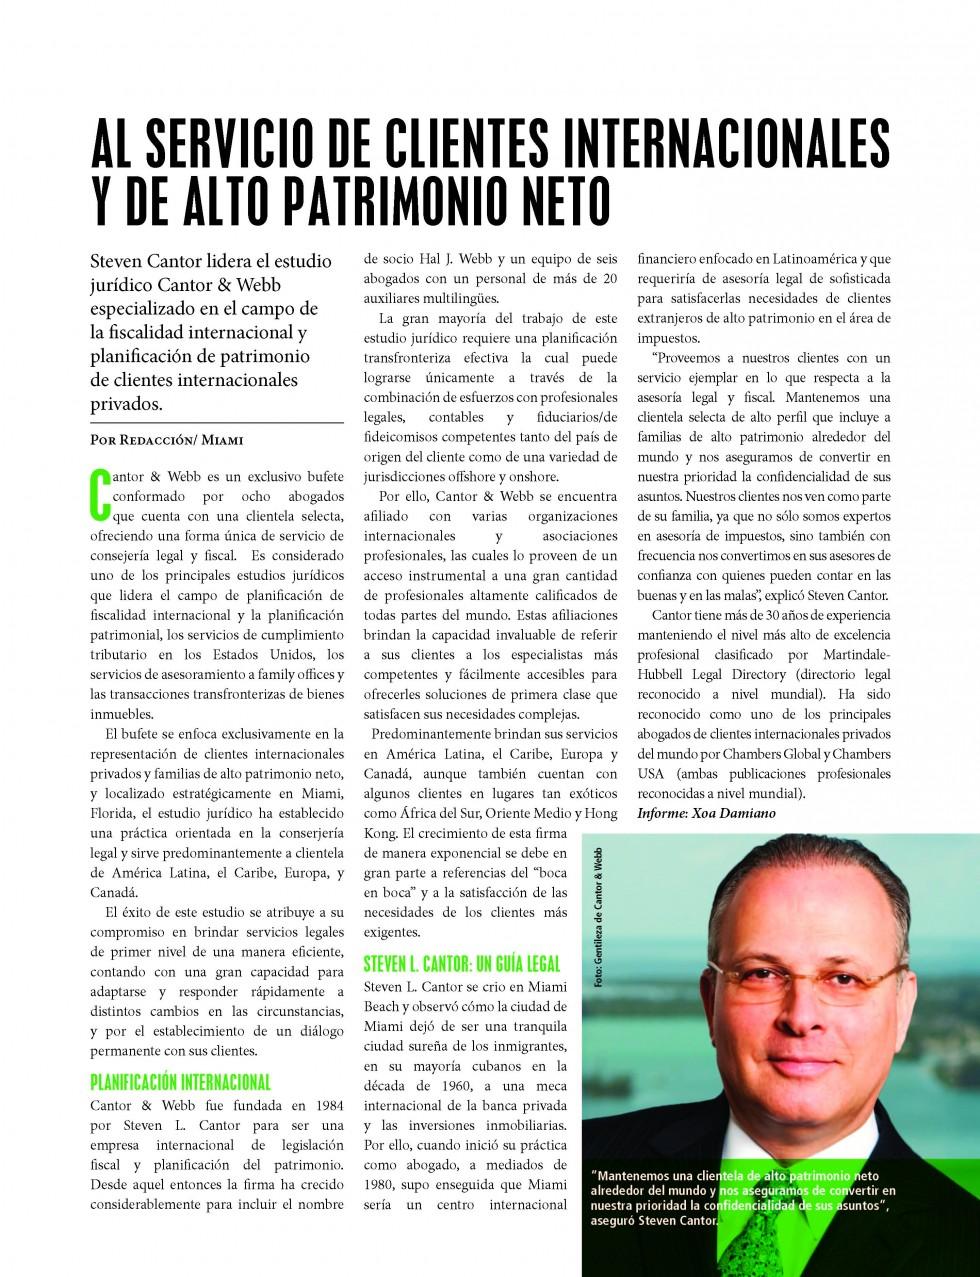 AL SERVICIO DE CLIENTES INTERNACIONALES Y DE ALTO PATRIMONIO NETO